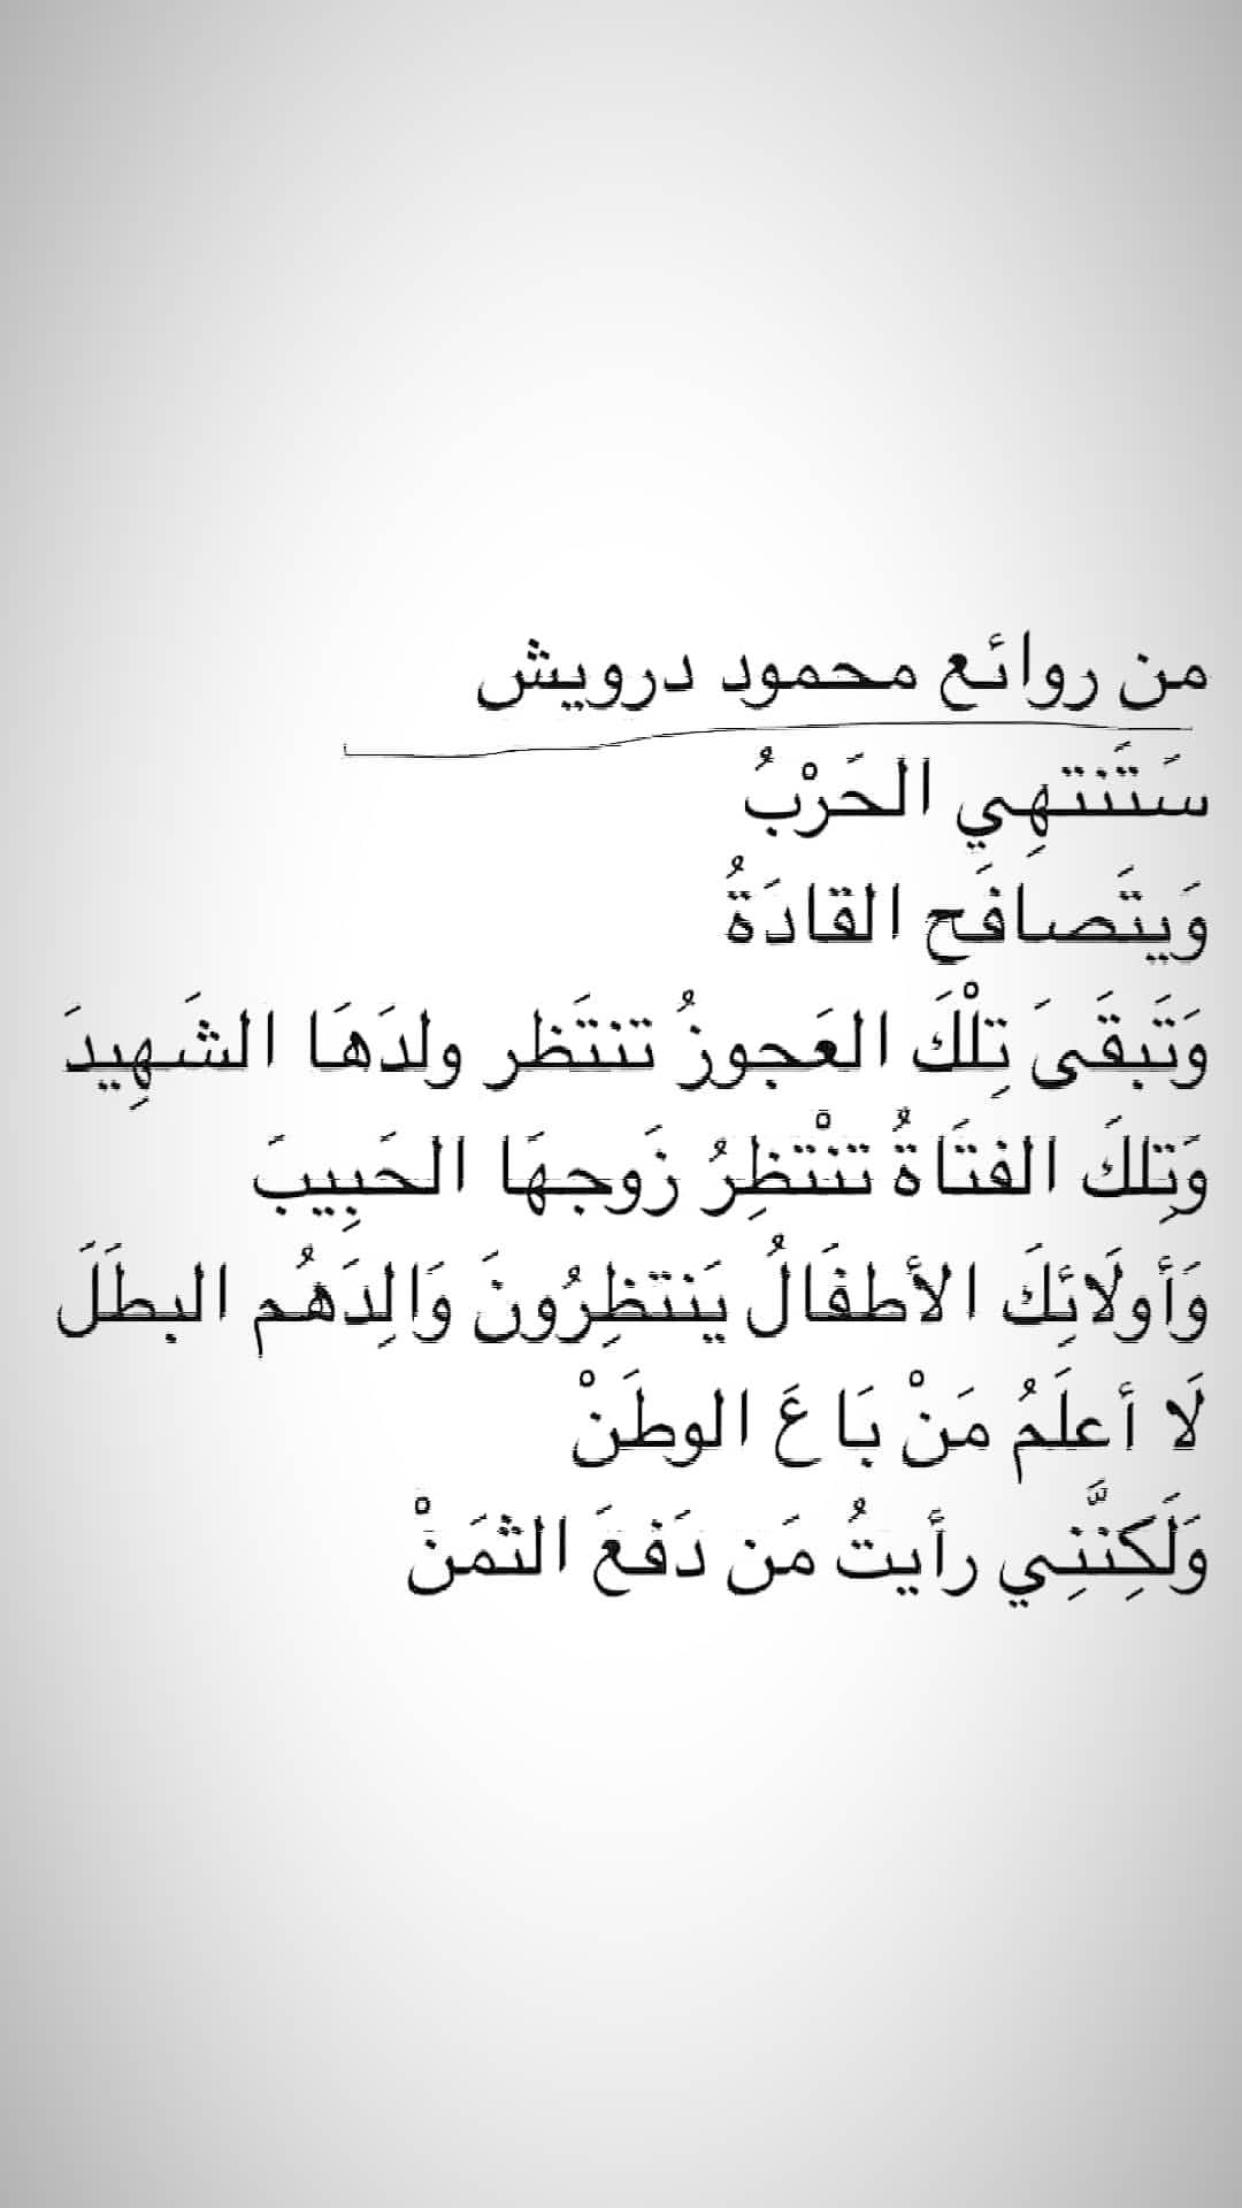 لا أعلم من باع الوطن ولكنني رأيت من دفع الثمن Words Quotes Quran Quotes Cool Words